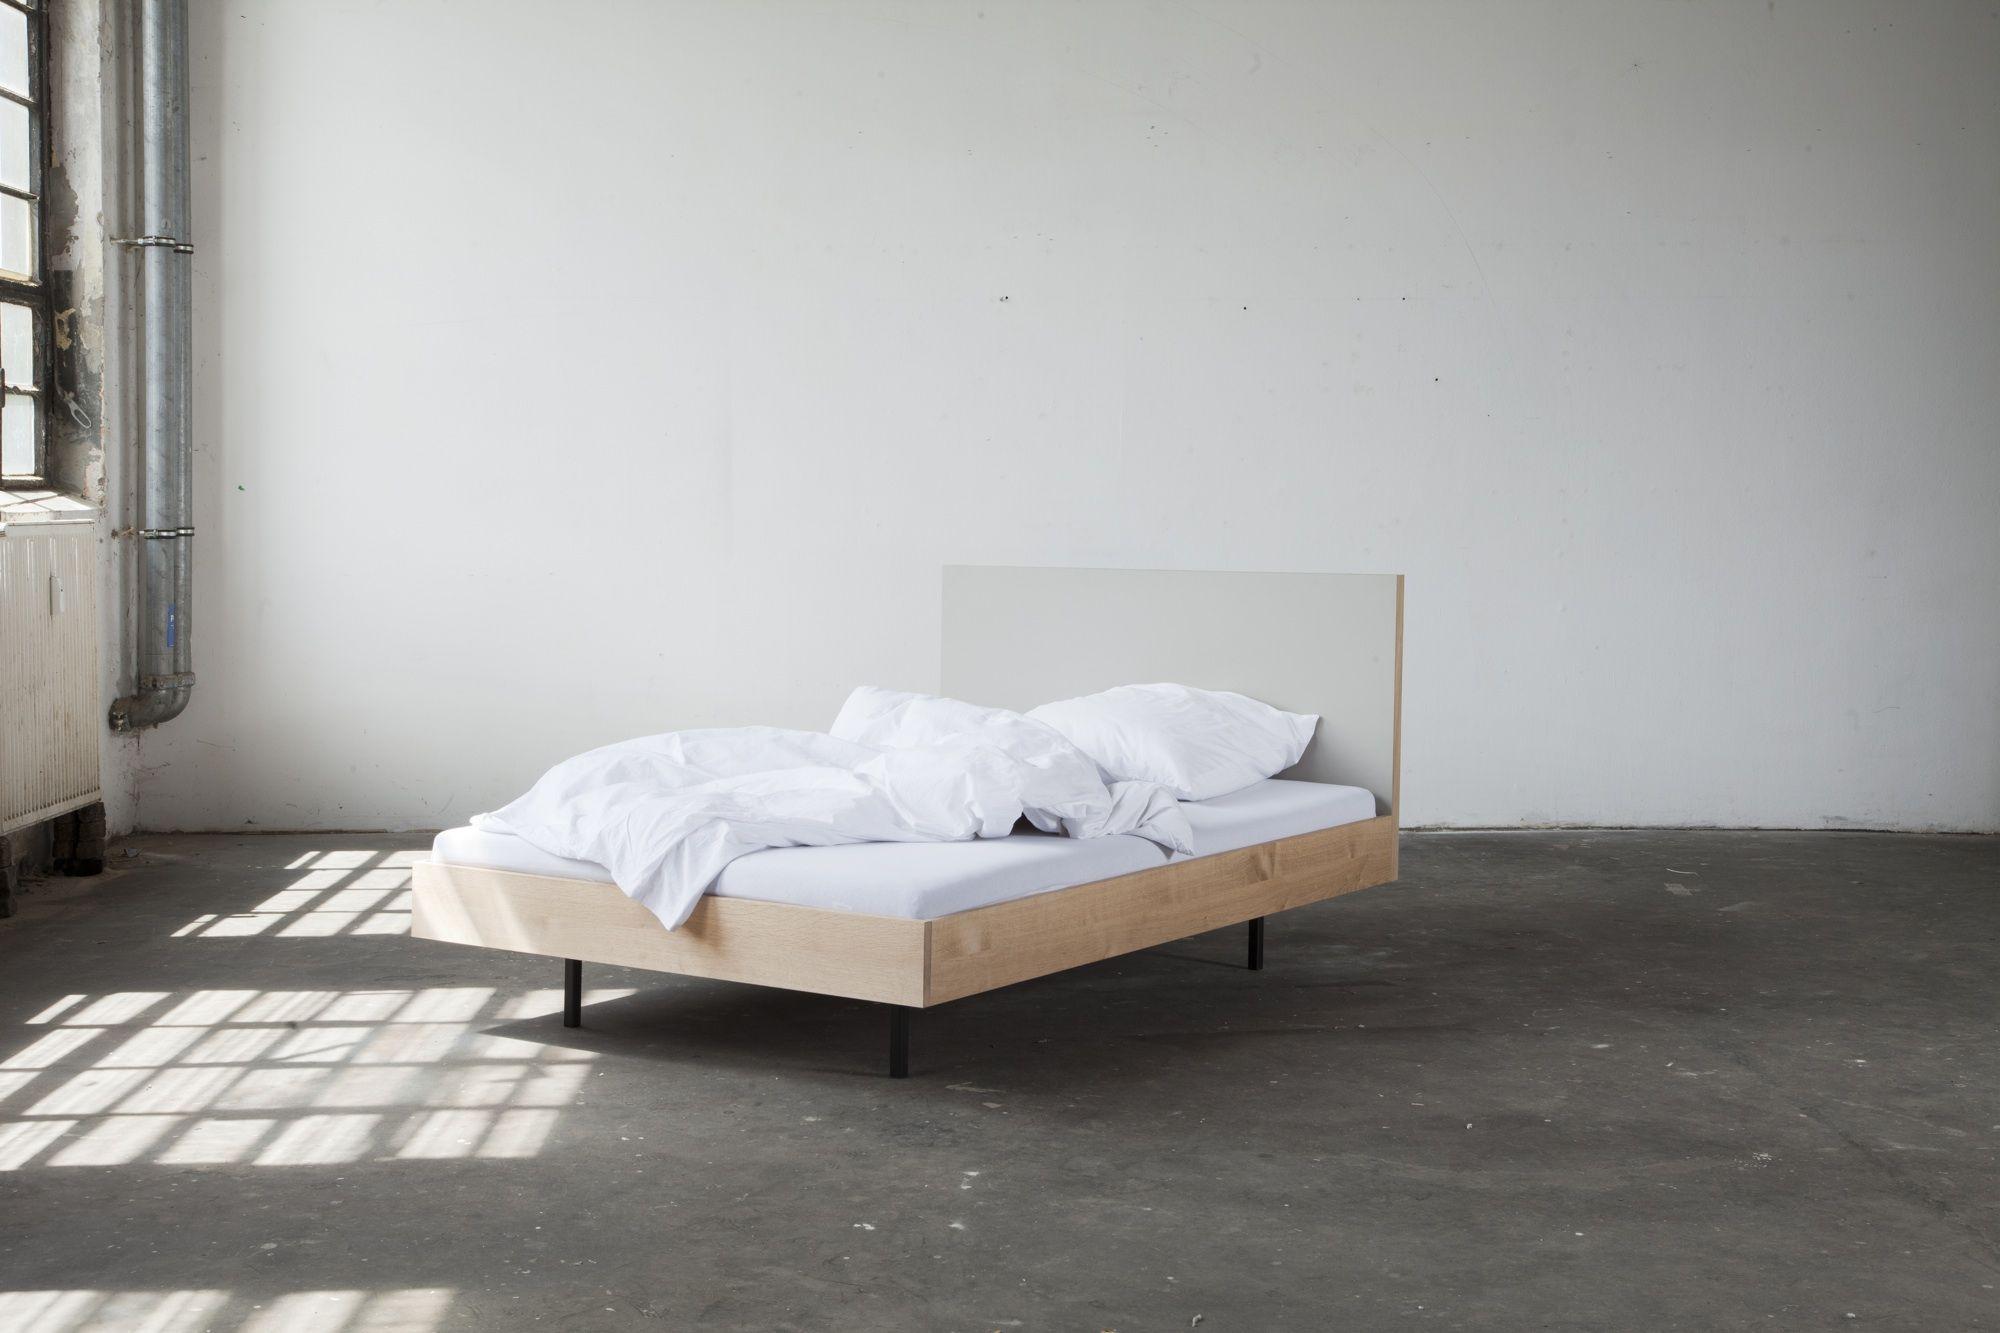 Full Size of Bett Schlicht Unidorm Material Linoleum Stapelbar Amazon Betten Mit Matratze Und Lattenrost Sofa Bettfunktion Stauraum Einzelbett Luxus Kopfteil Für Hohem Bett Bett Schlicht